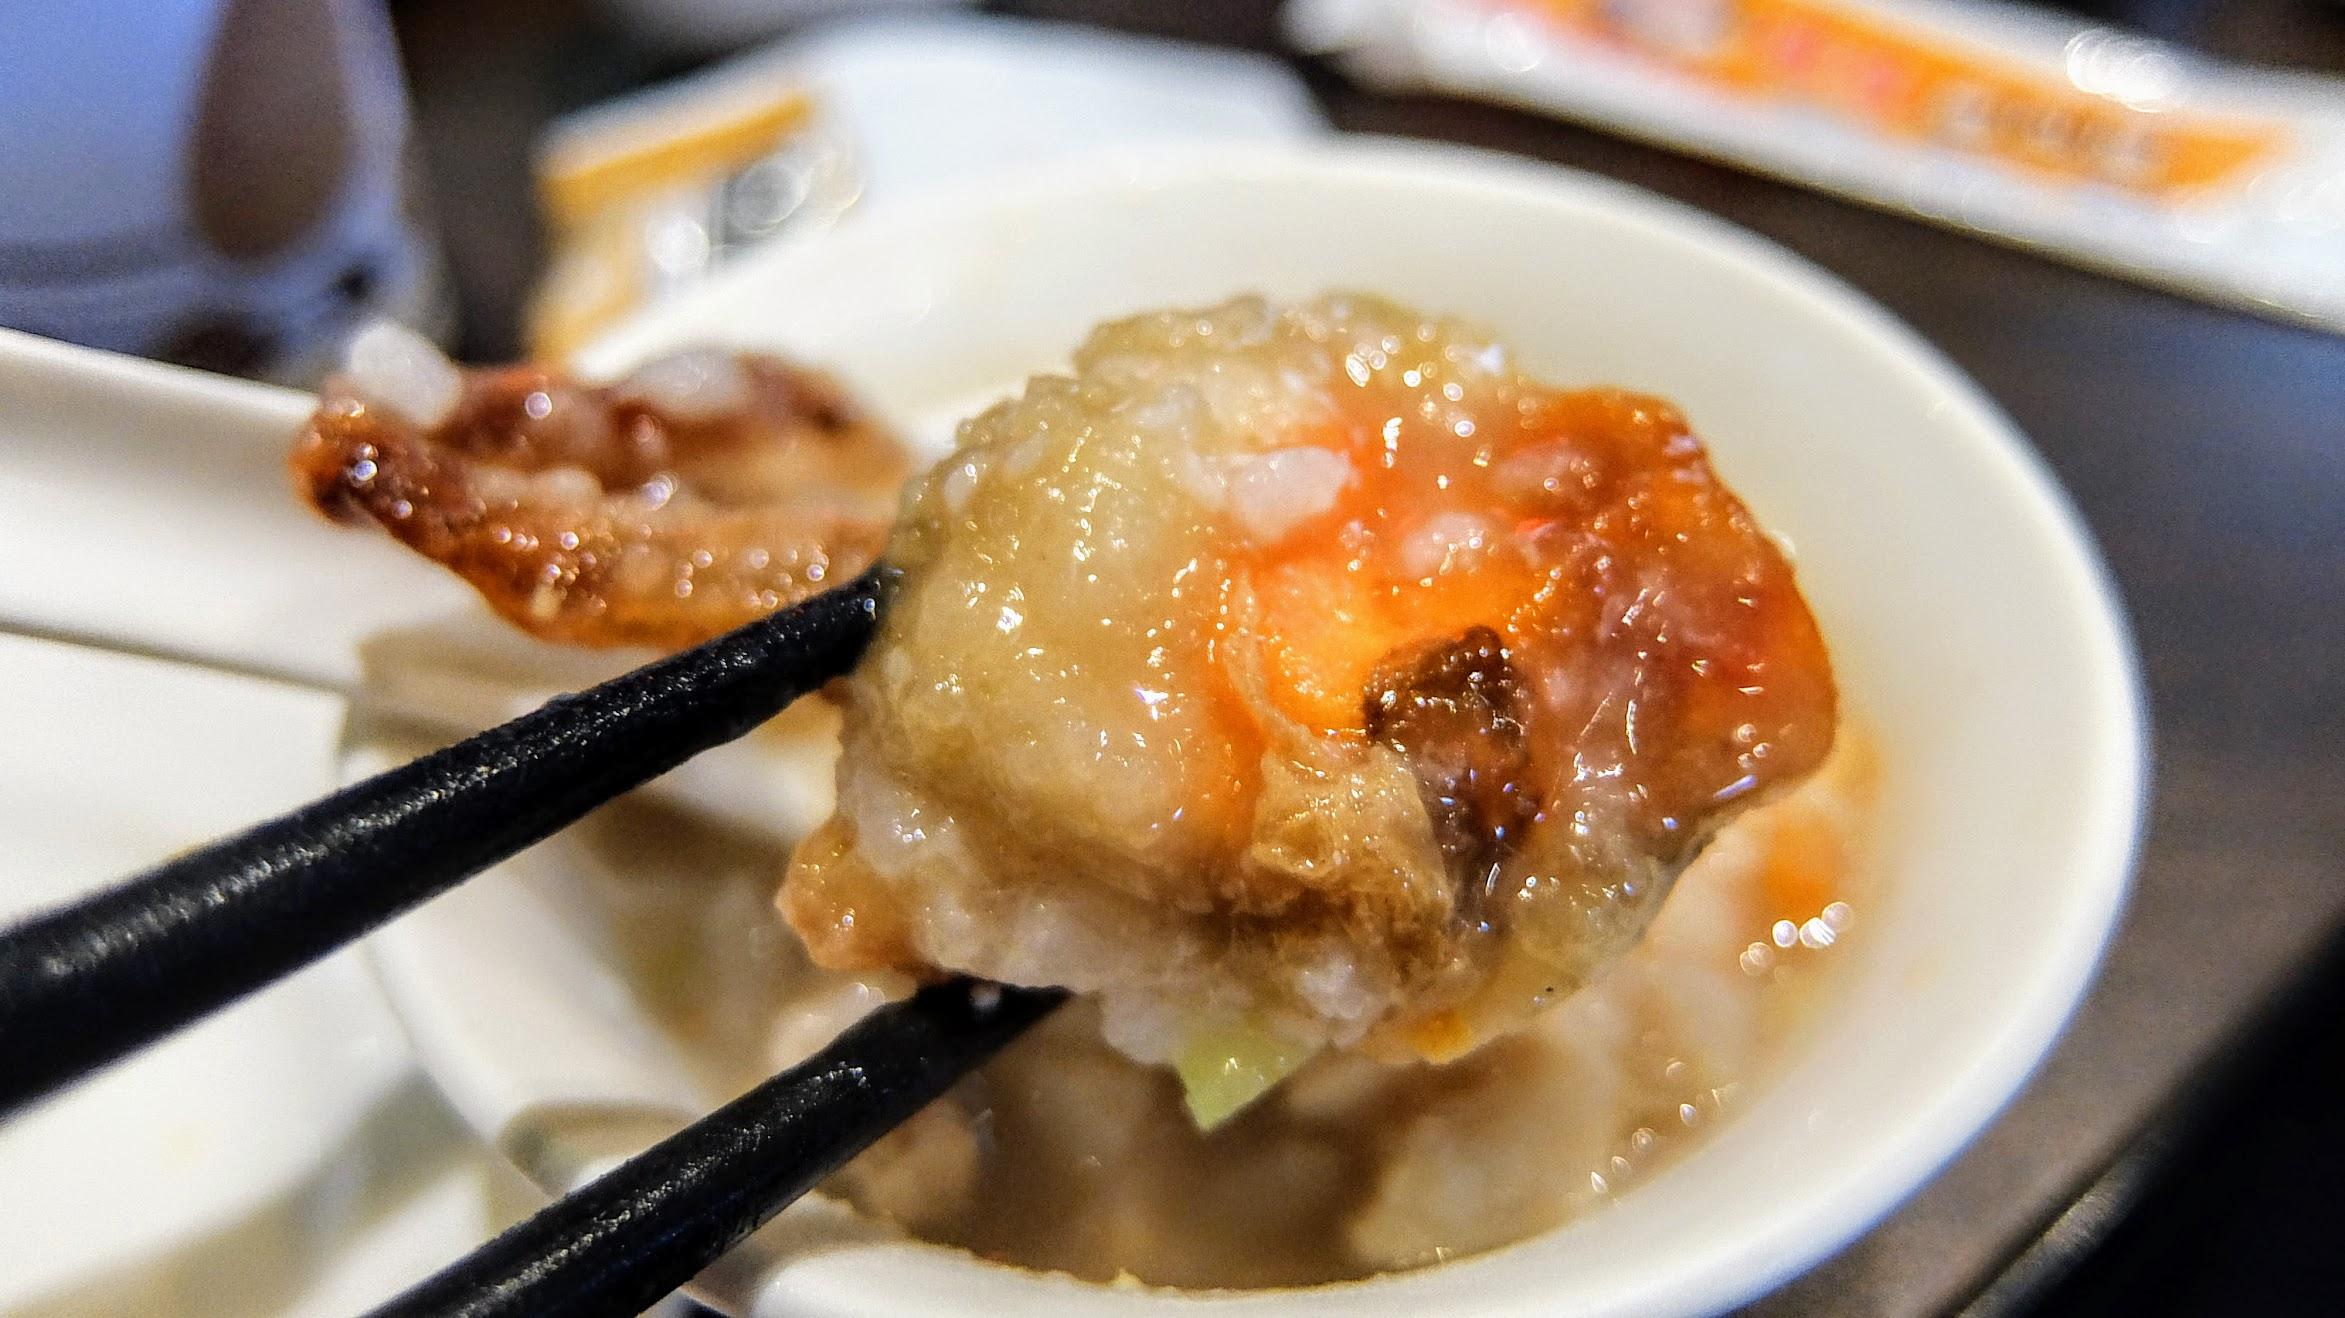 軟殼蟹,炸過再一起熬煮,只是軟殼蟹似乎不多還是碗公太大找不到,因為只有撈到這一隻